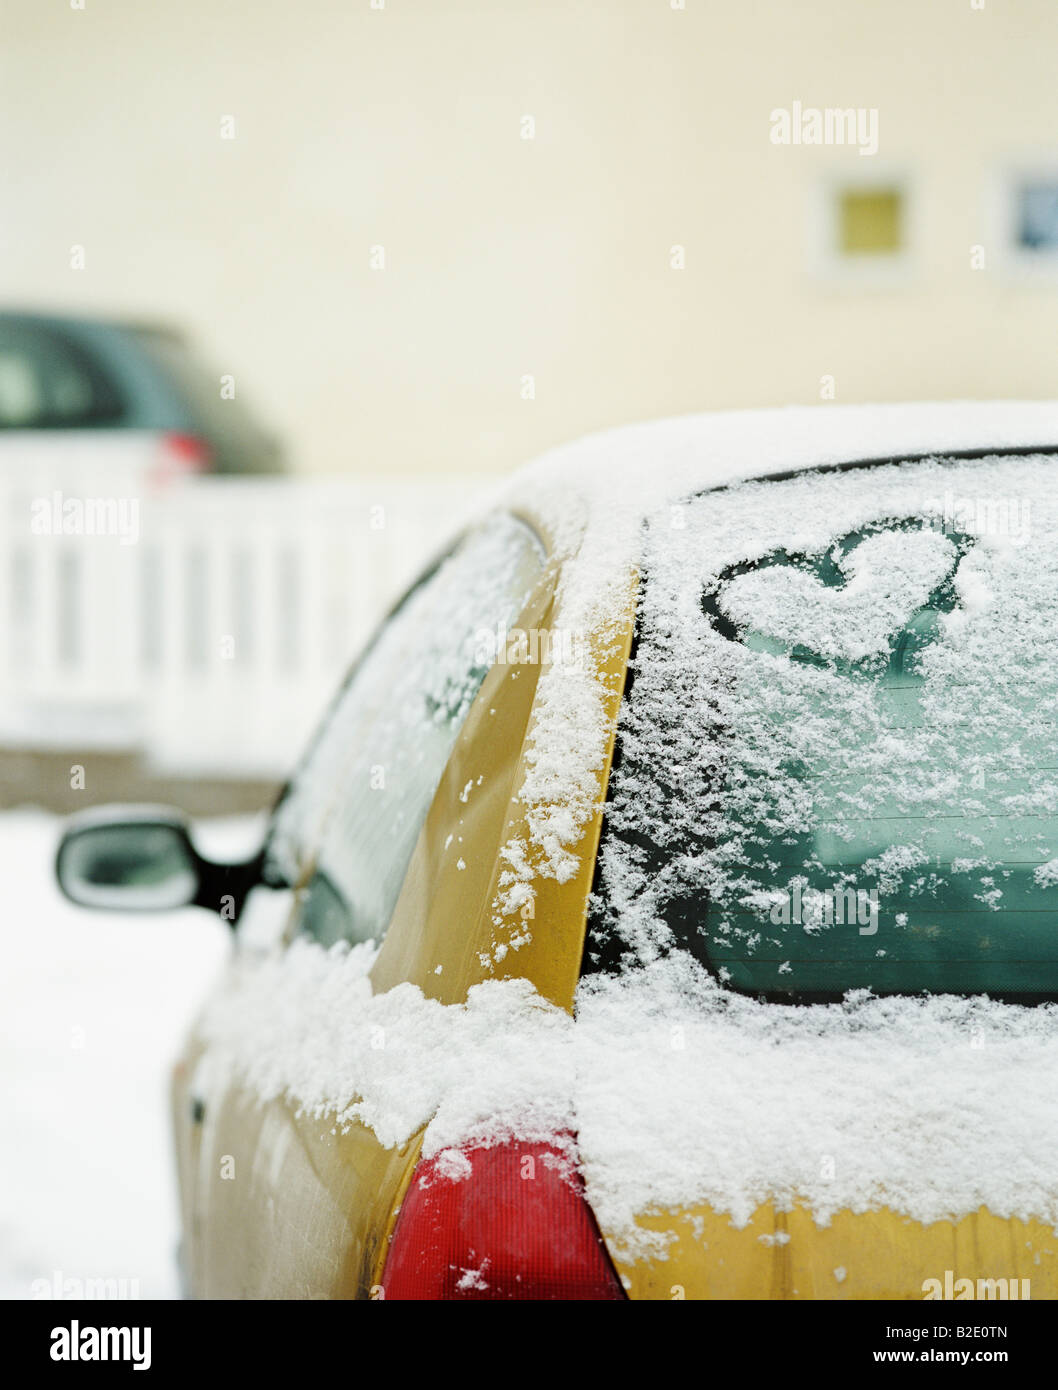 Forma corazón tallado en un coche Foto de stock